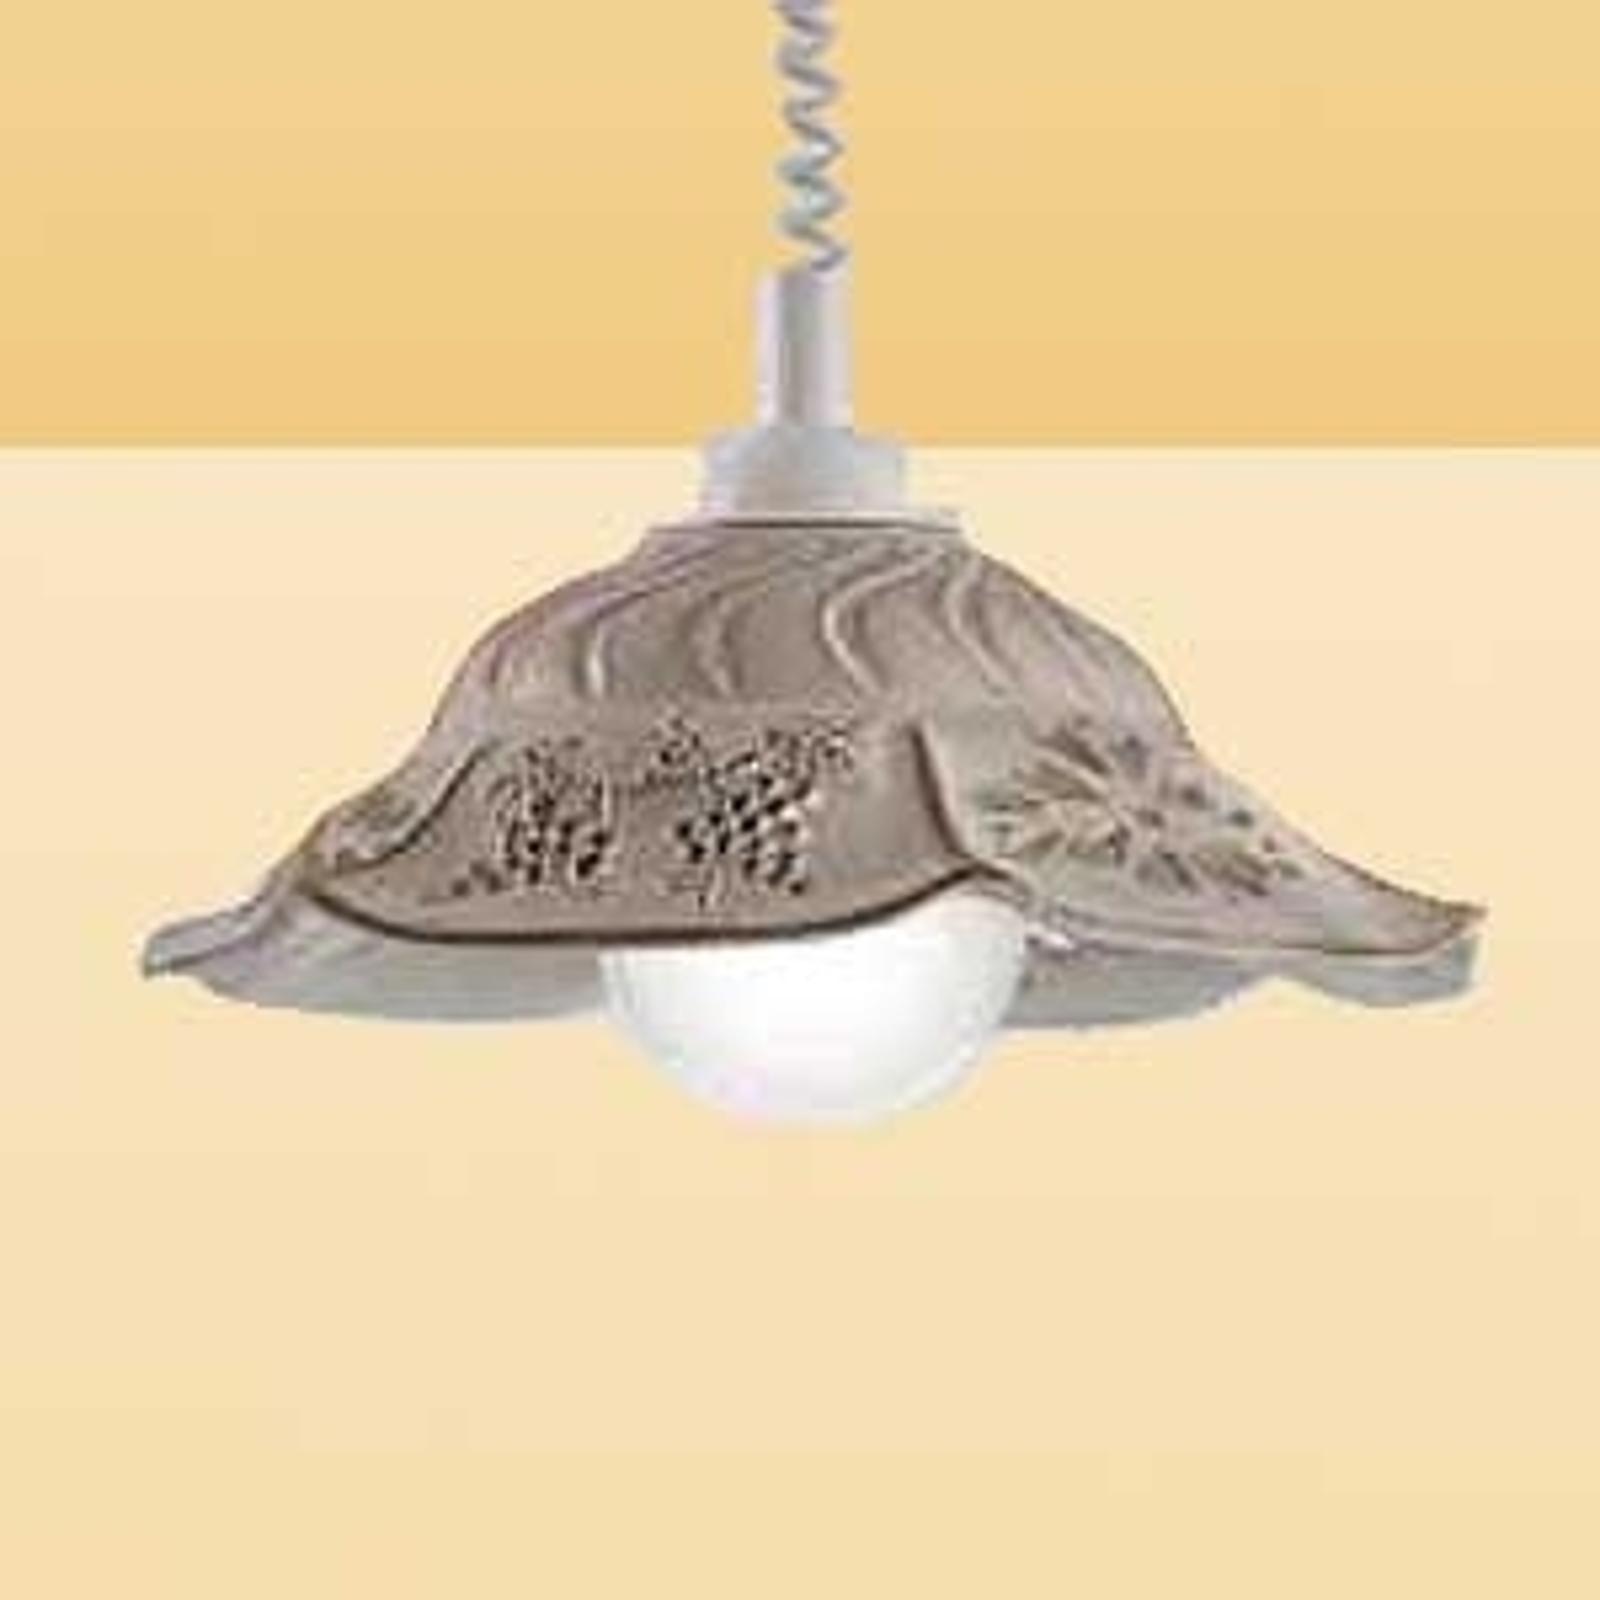 Závesná lampa VITELA s rustikálnym vyžarovaním_2013113_1